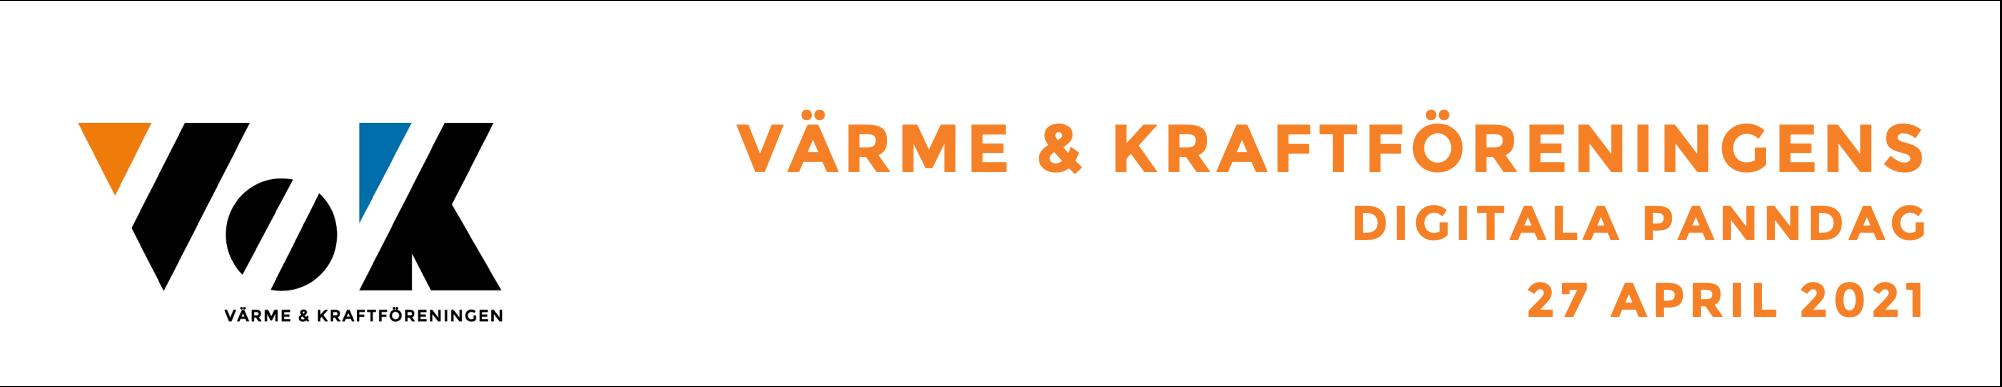 Huvudbild för VÄRME- & KRAFTFÖRENINGENS DIGITALA PANNDAG 27 APRIL 2021